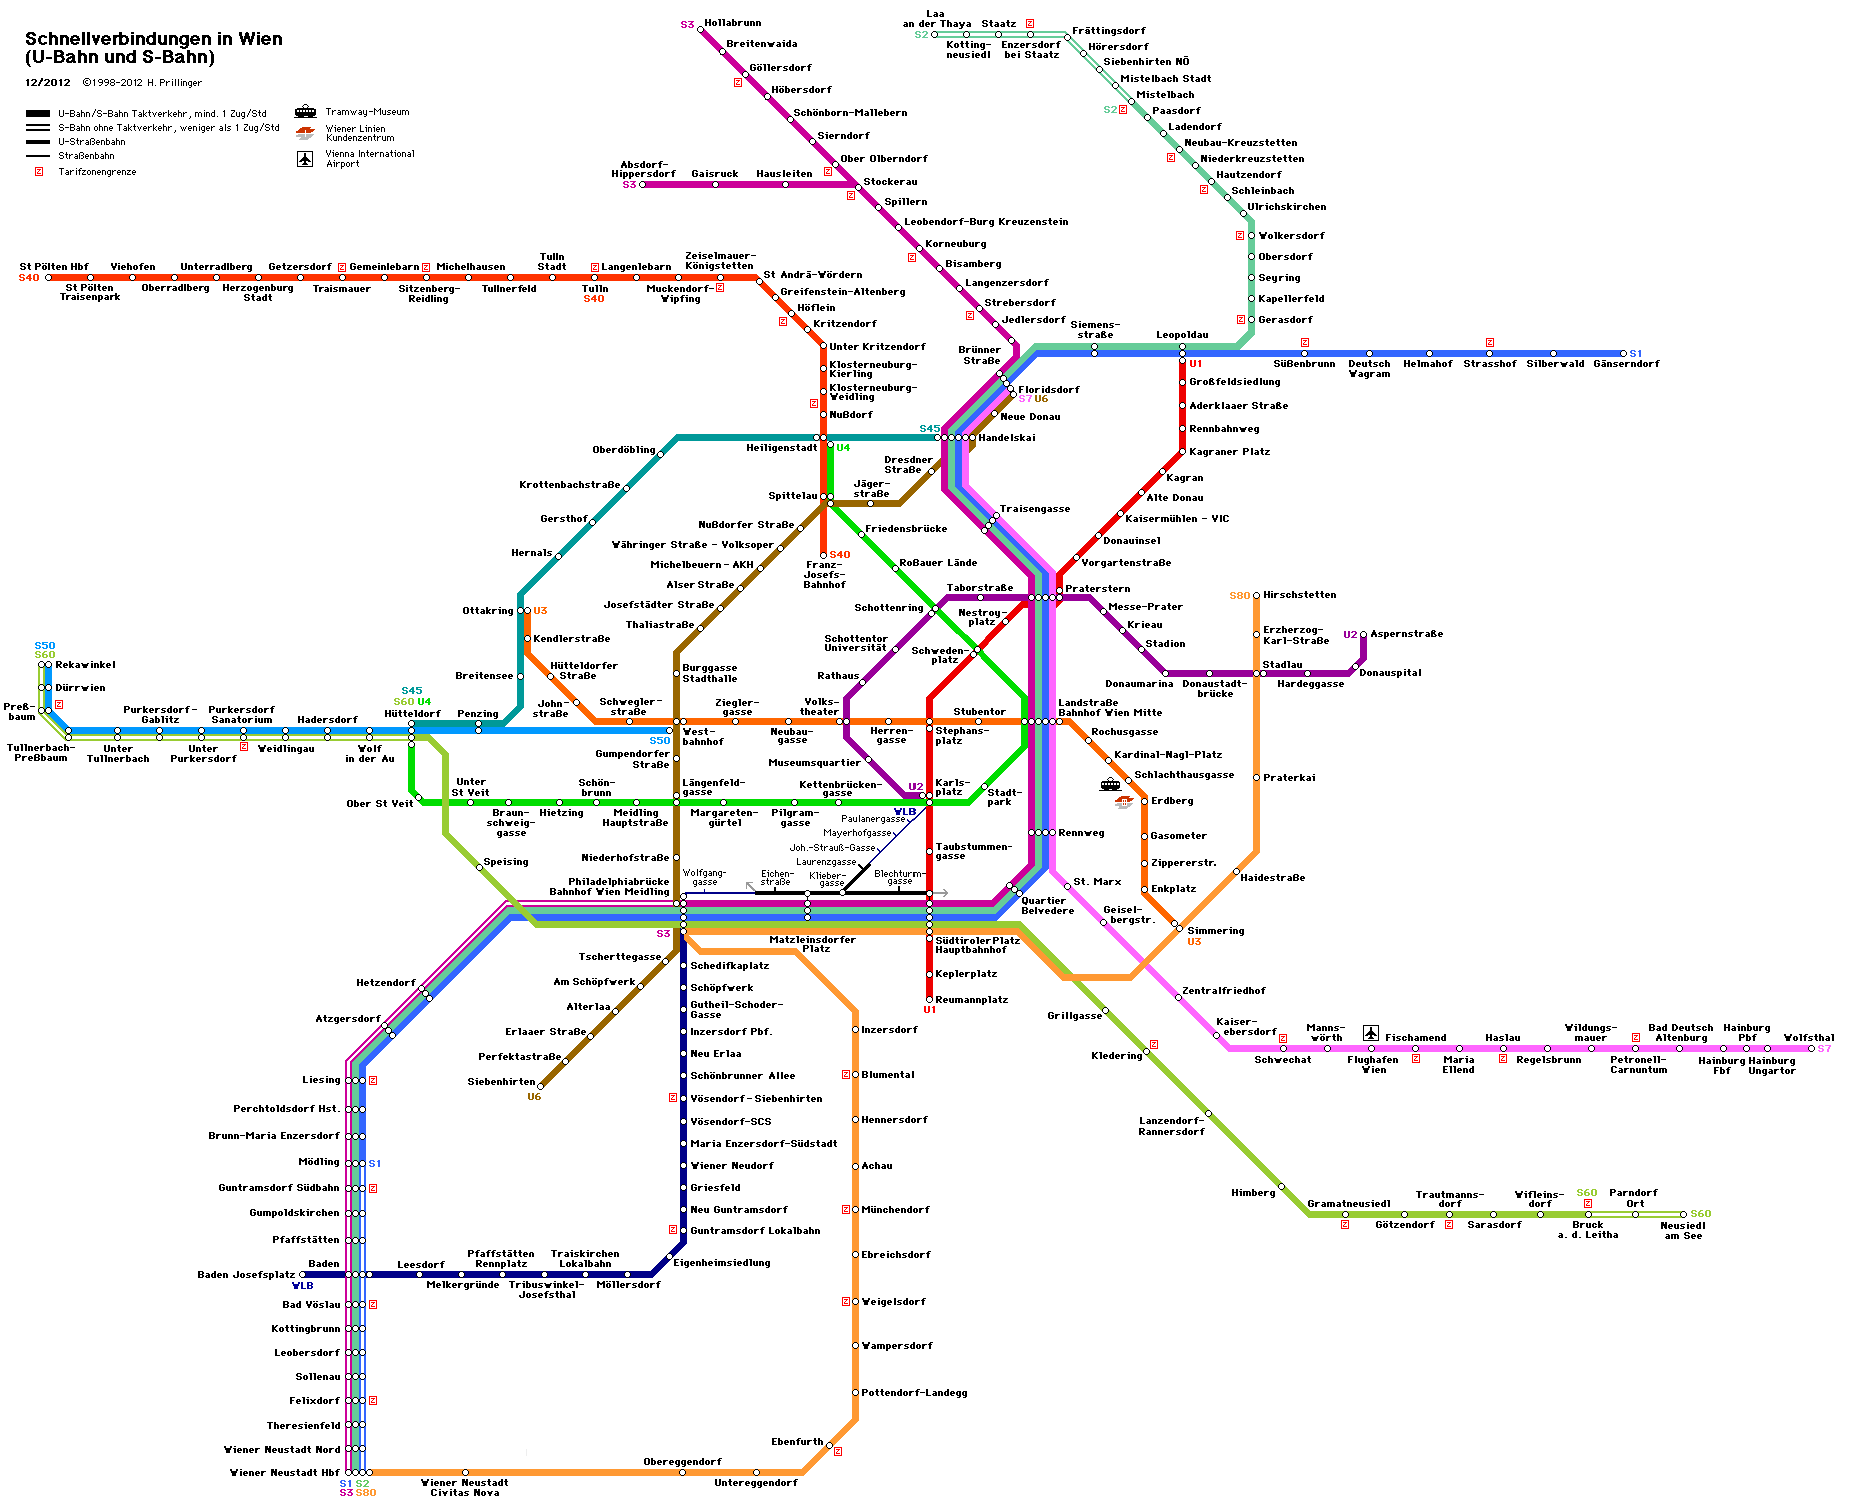 Underground UBahn SBahn Wien Vienna Austria sterreich